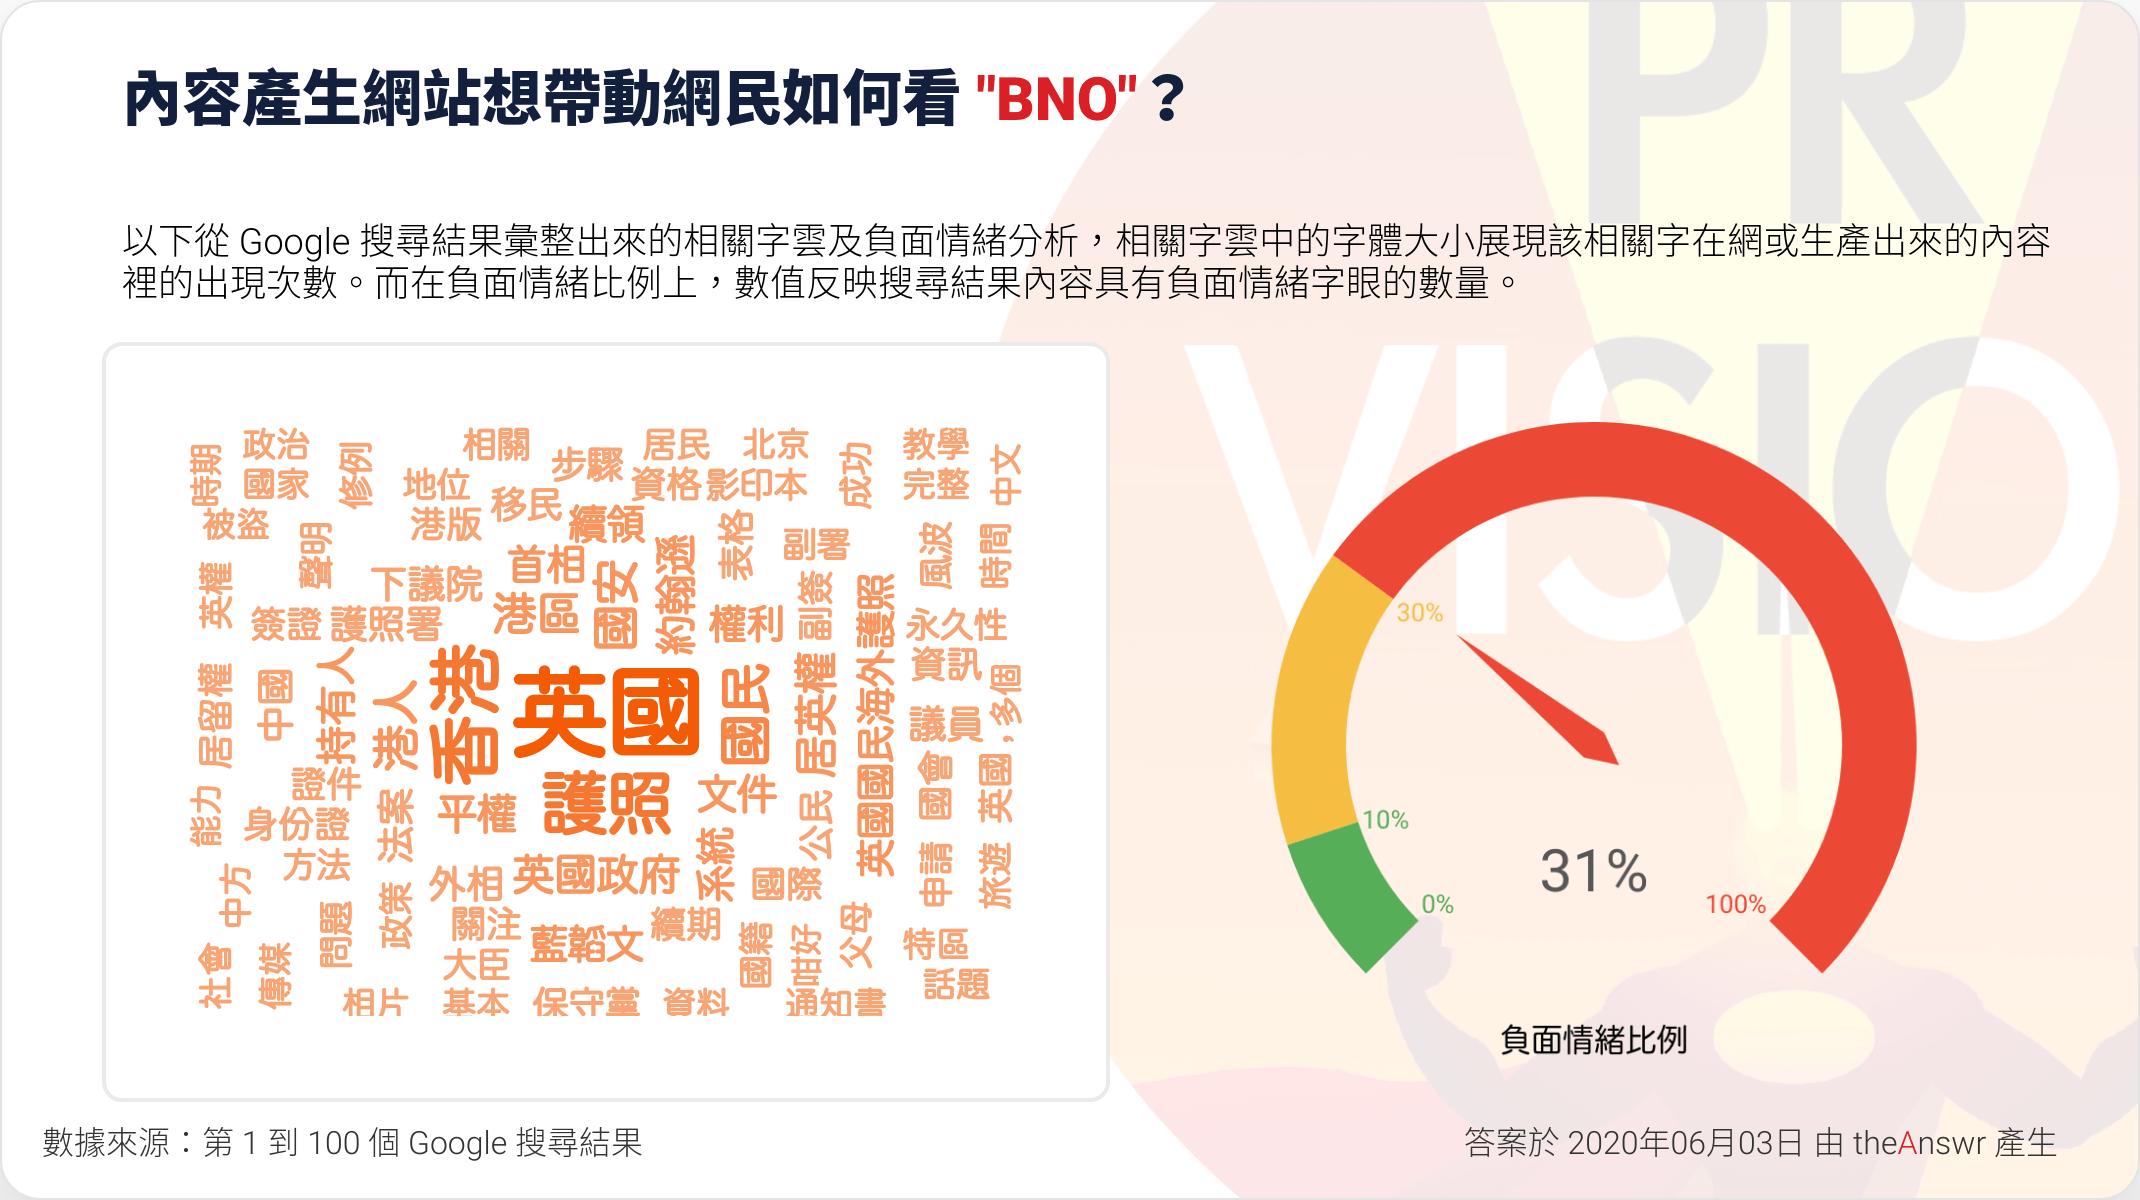 PR_Vision_BNO_1